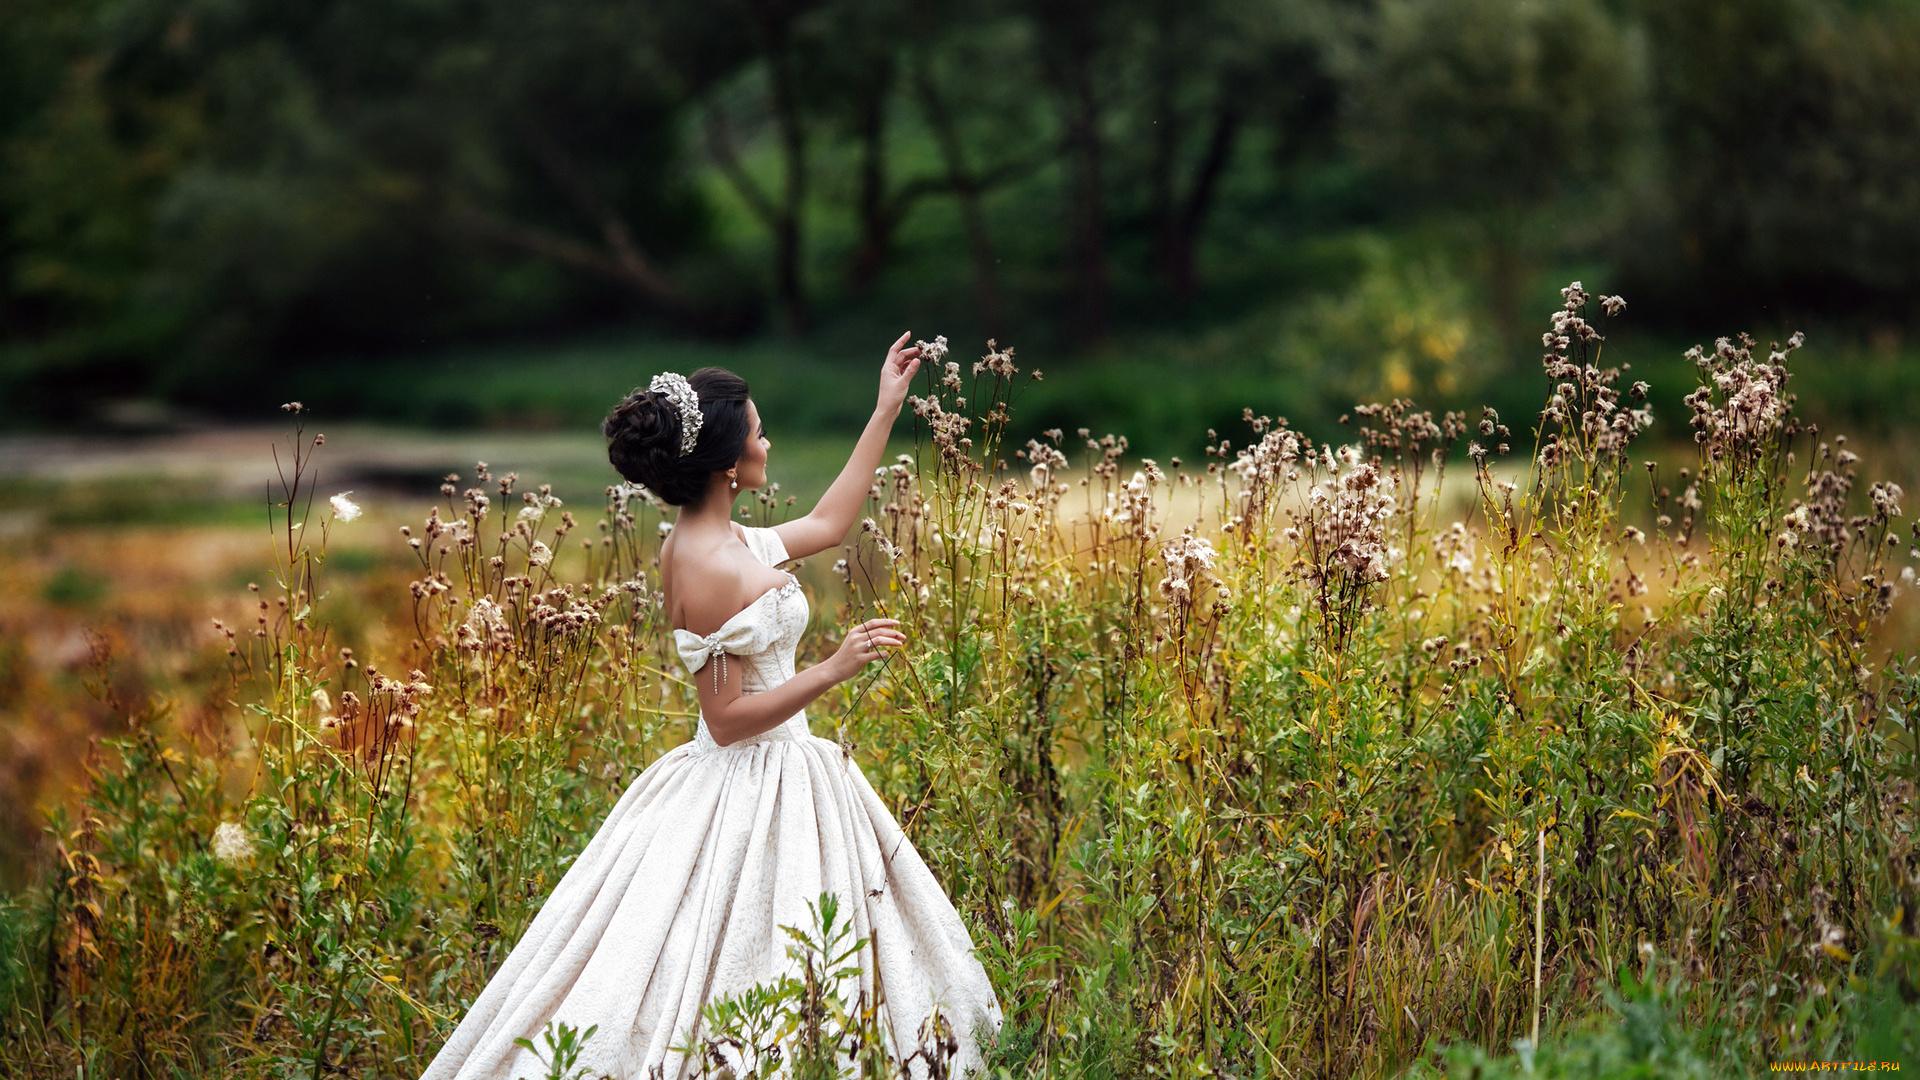 девушка трава платье взгляд лицо без смс